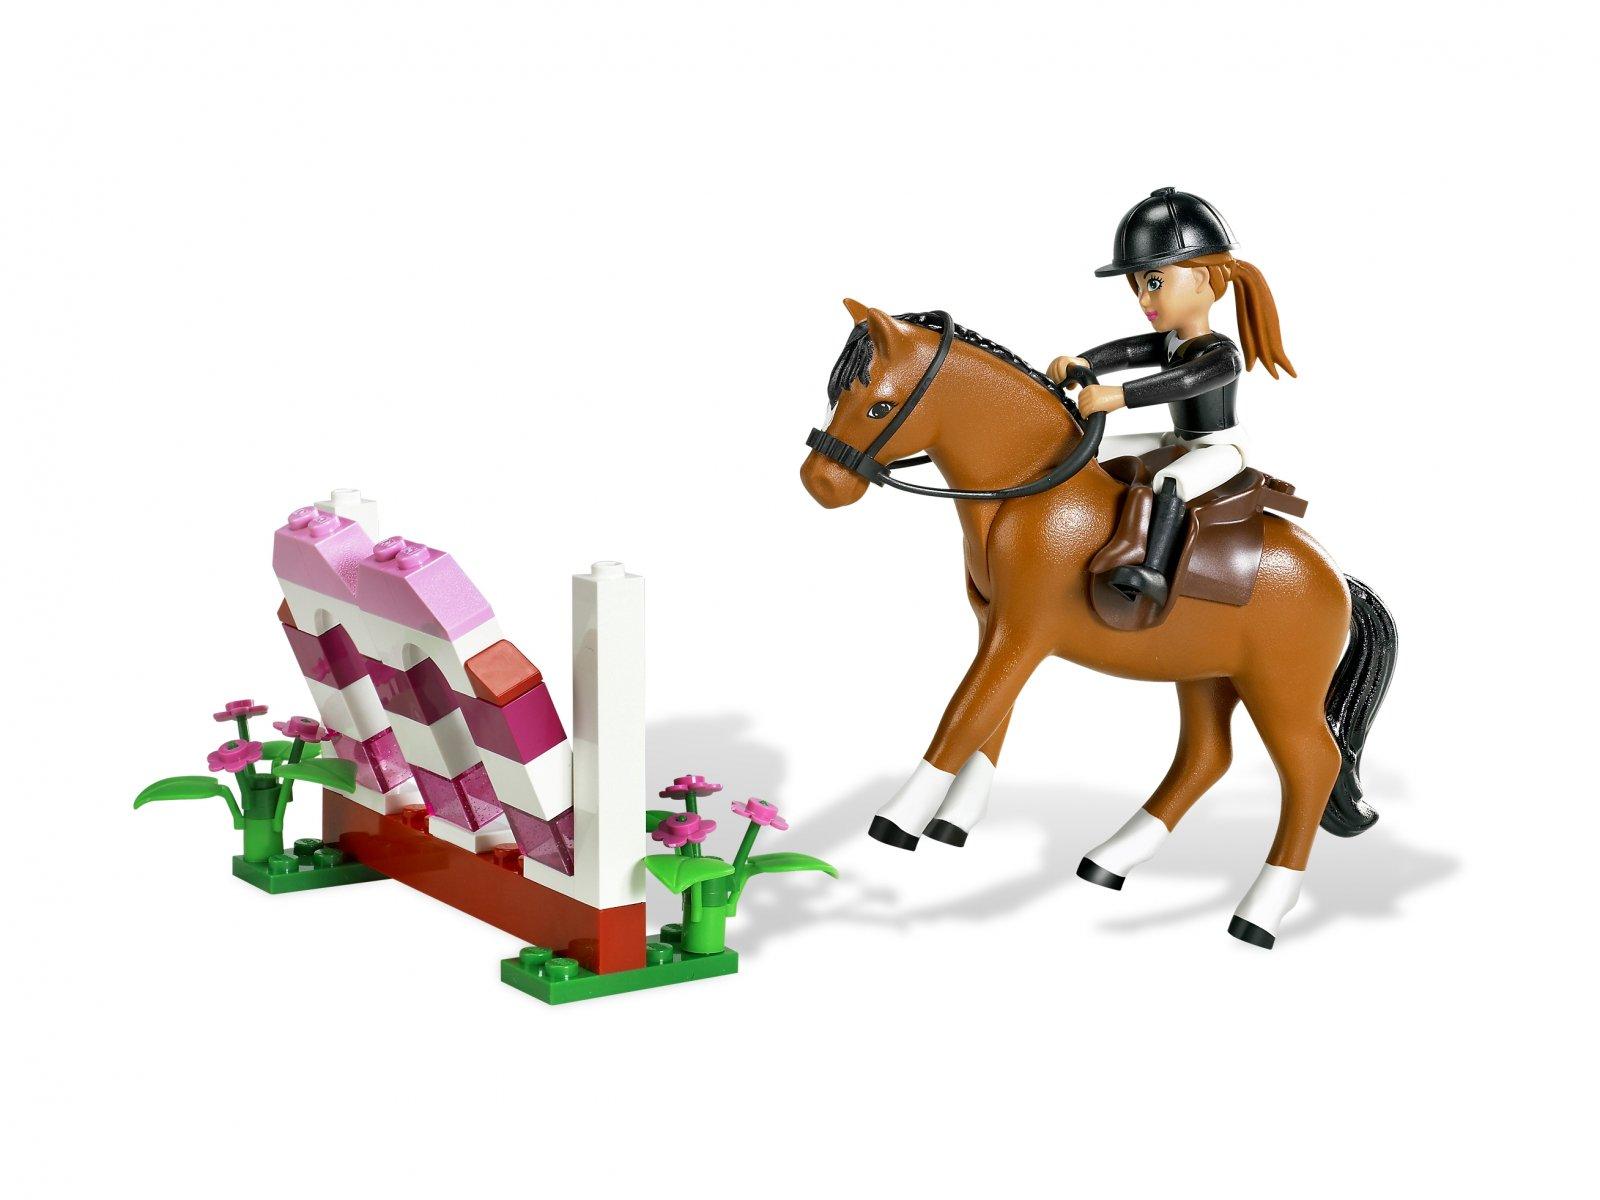 LEGO Belville Skoki przez przeszkody 7587